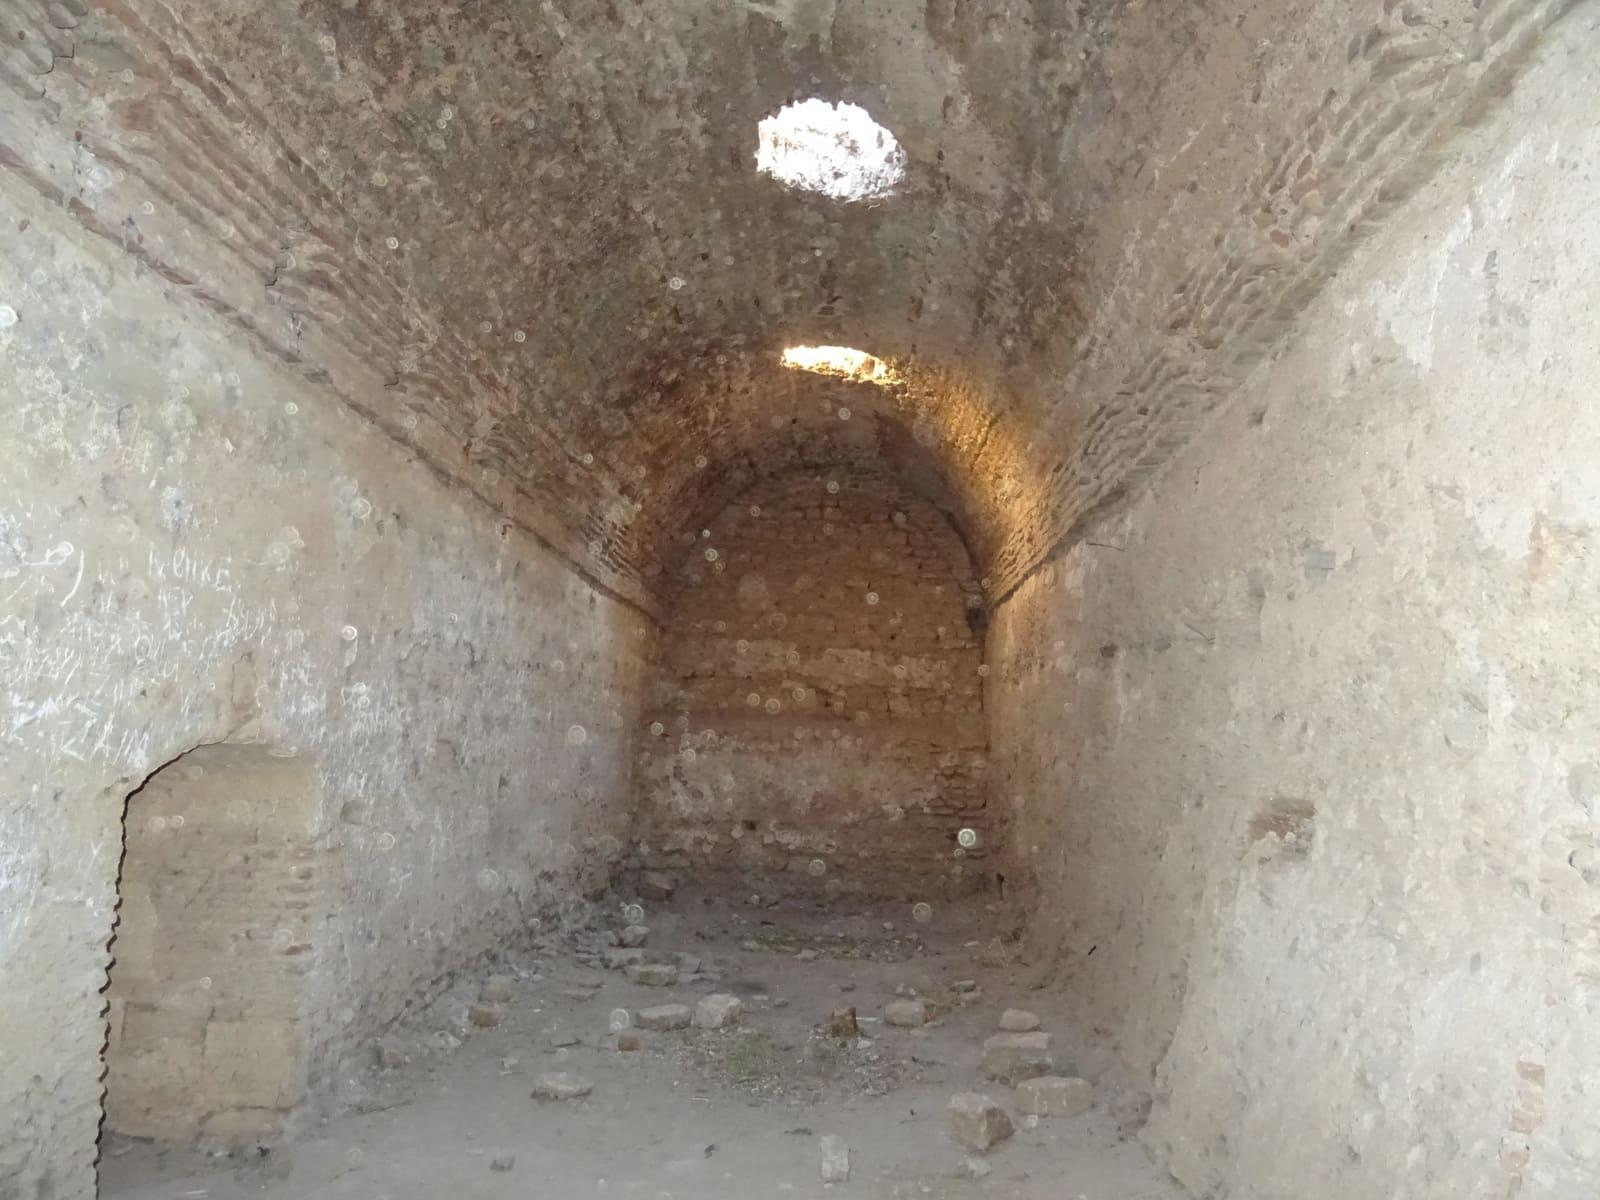 Cellule de la prison de la casbah